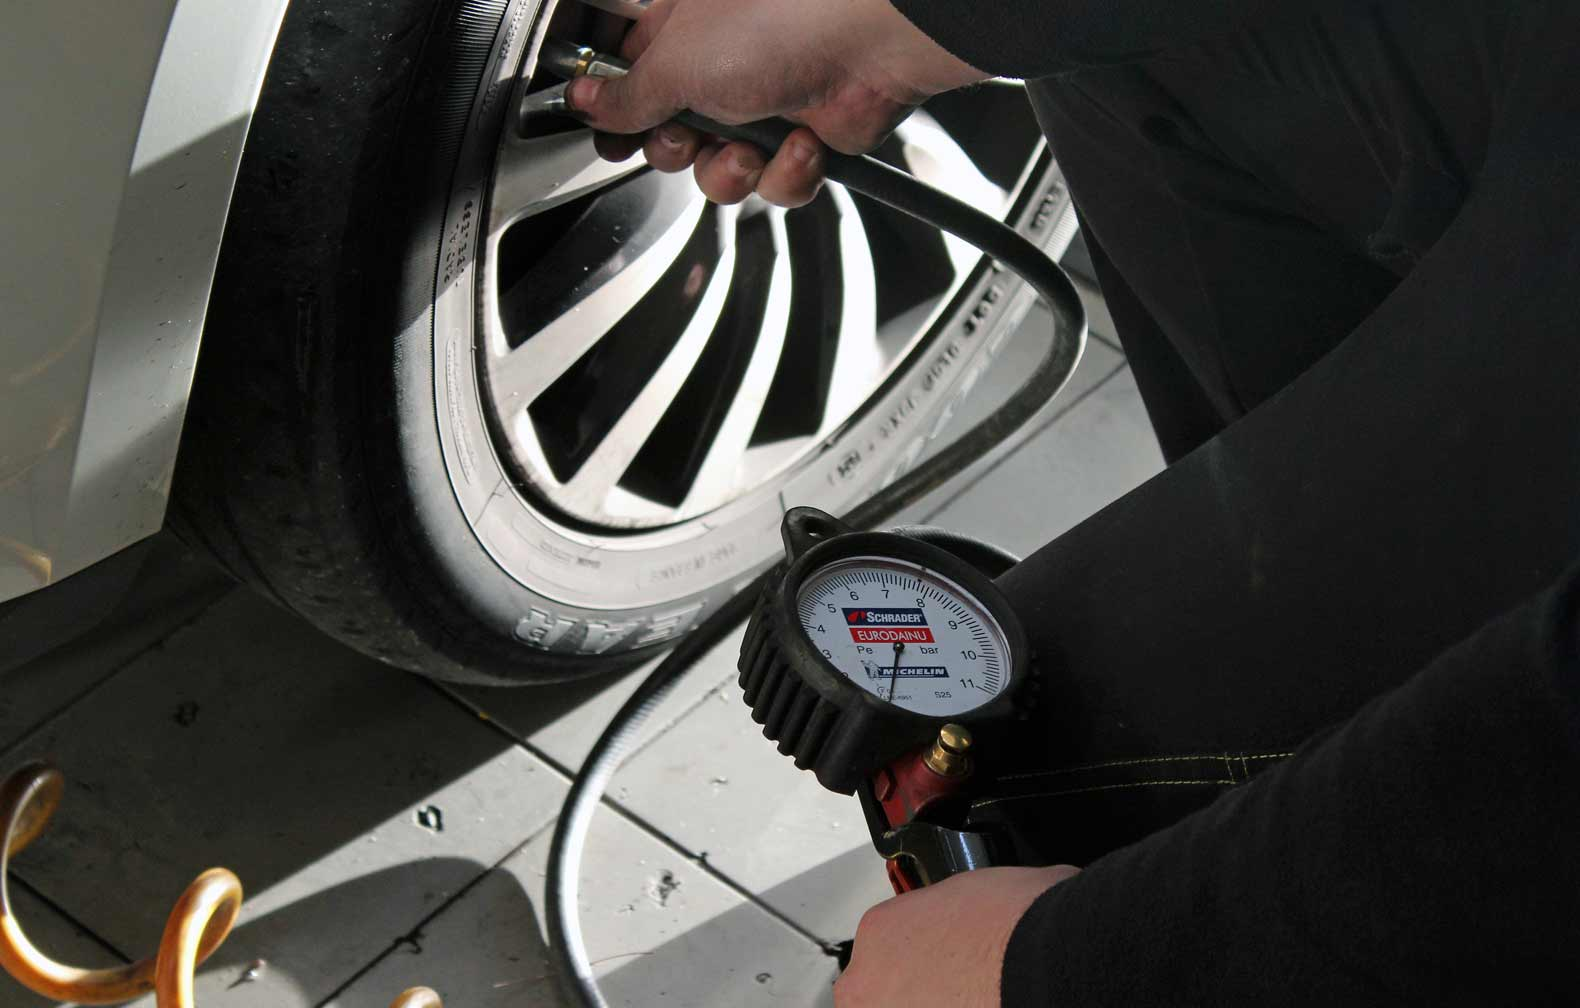 verificar pressão dos pneus